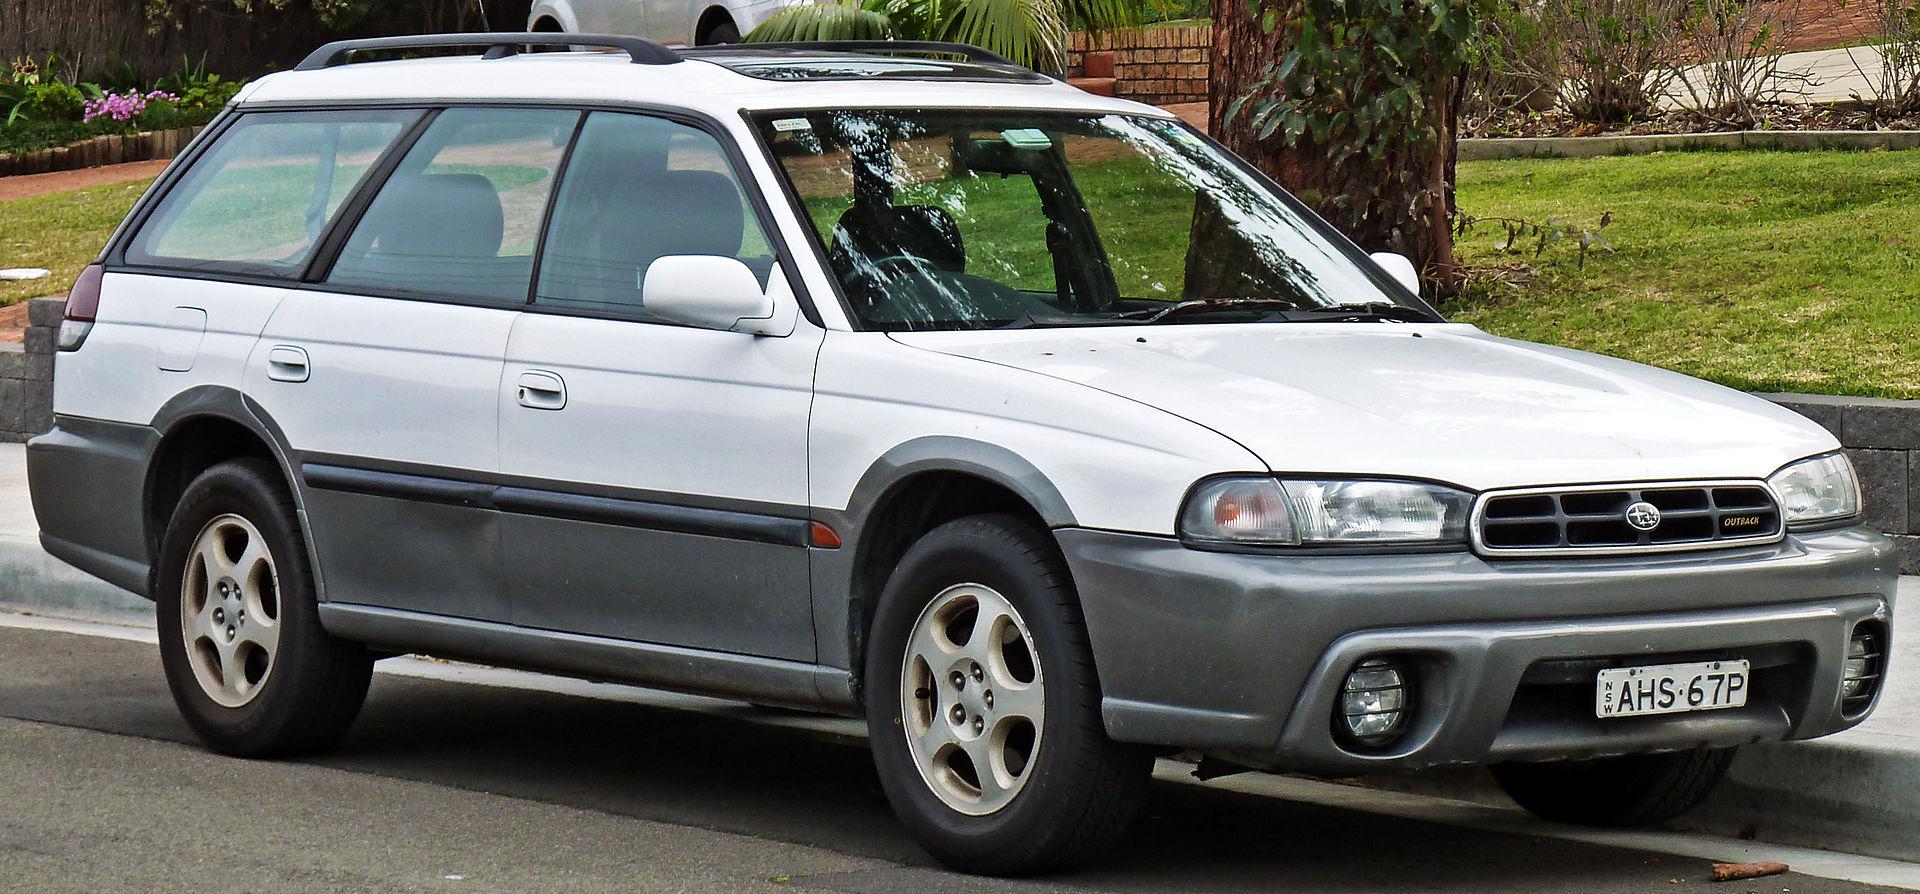 Subaru Outback I 1994 - 1999 Sedan #3